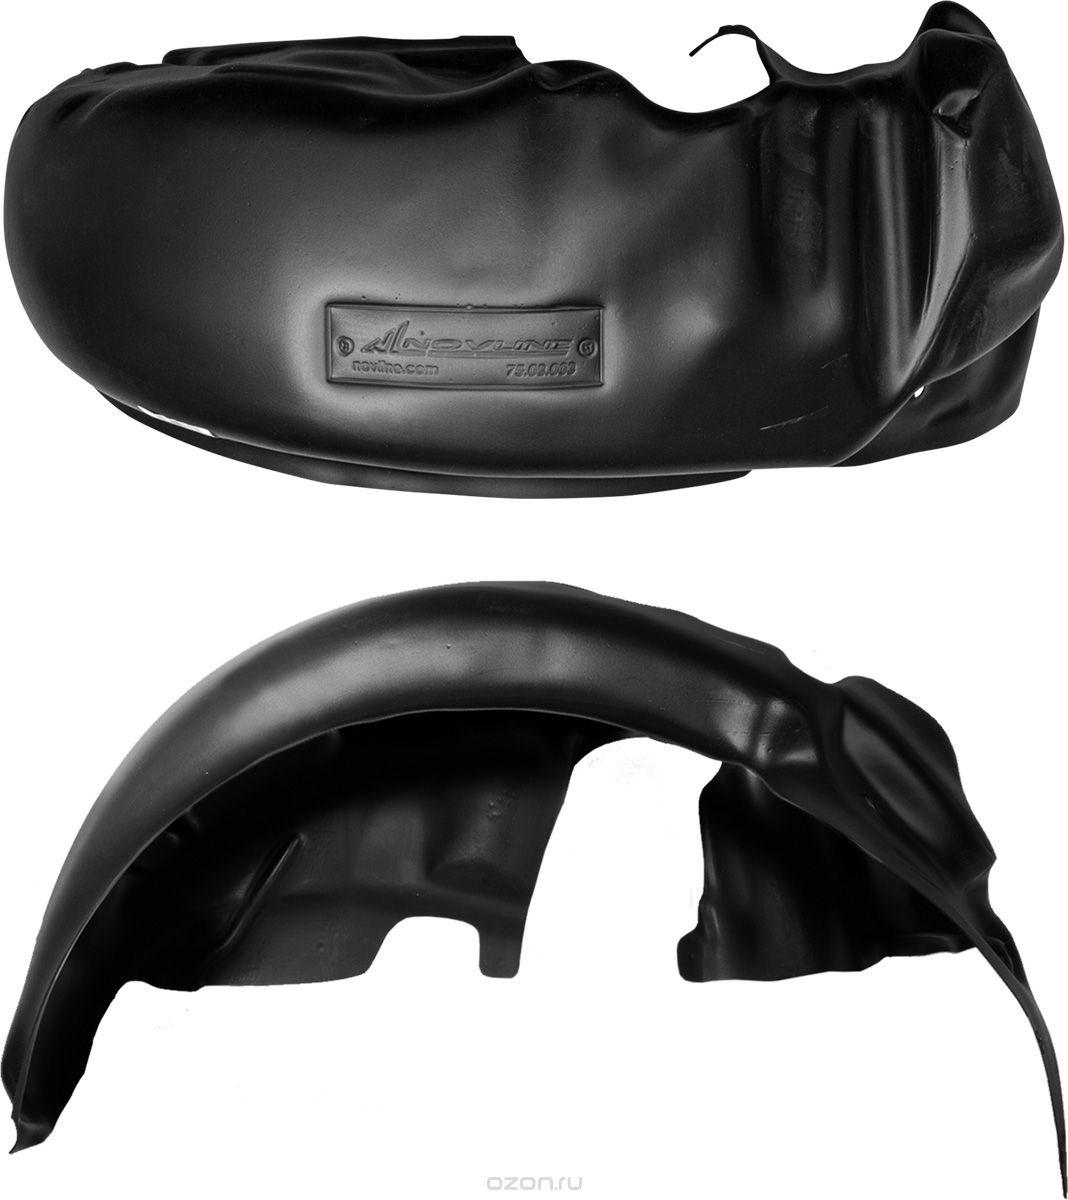 Подкрылок Novline-Autofamily, для FORD Focus 3, 2015->, универсал, задний правый44005003Идеальная защита колесной ниши. Локеры разработаны с применением цифровых технологий, гарантируют максимальную повторяемость поверхности арки. Изделия устанавливаются без нарушения лакокрасочного покрытия автомобиля, каждый подкрылок комплектуется крепежом. Уважаемые клиенты, обращаем ваше внимание, что фотографии на подкрылки универсальные и не отражают реальную форму изделия. При этом само изделие идет точно под размер указанного автомобиля.